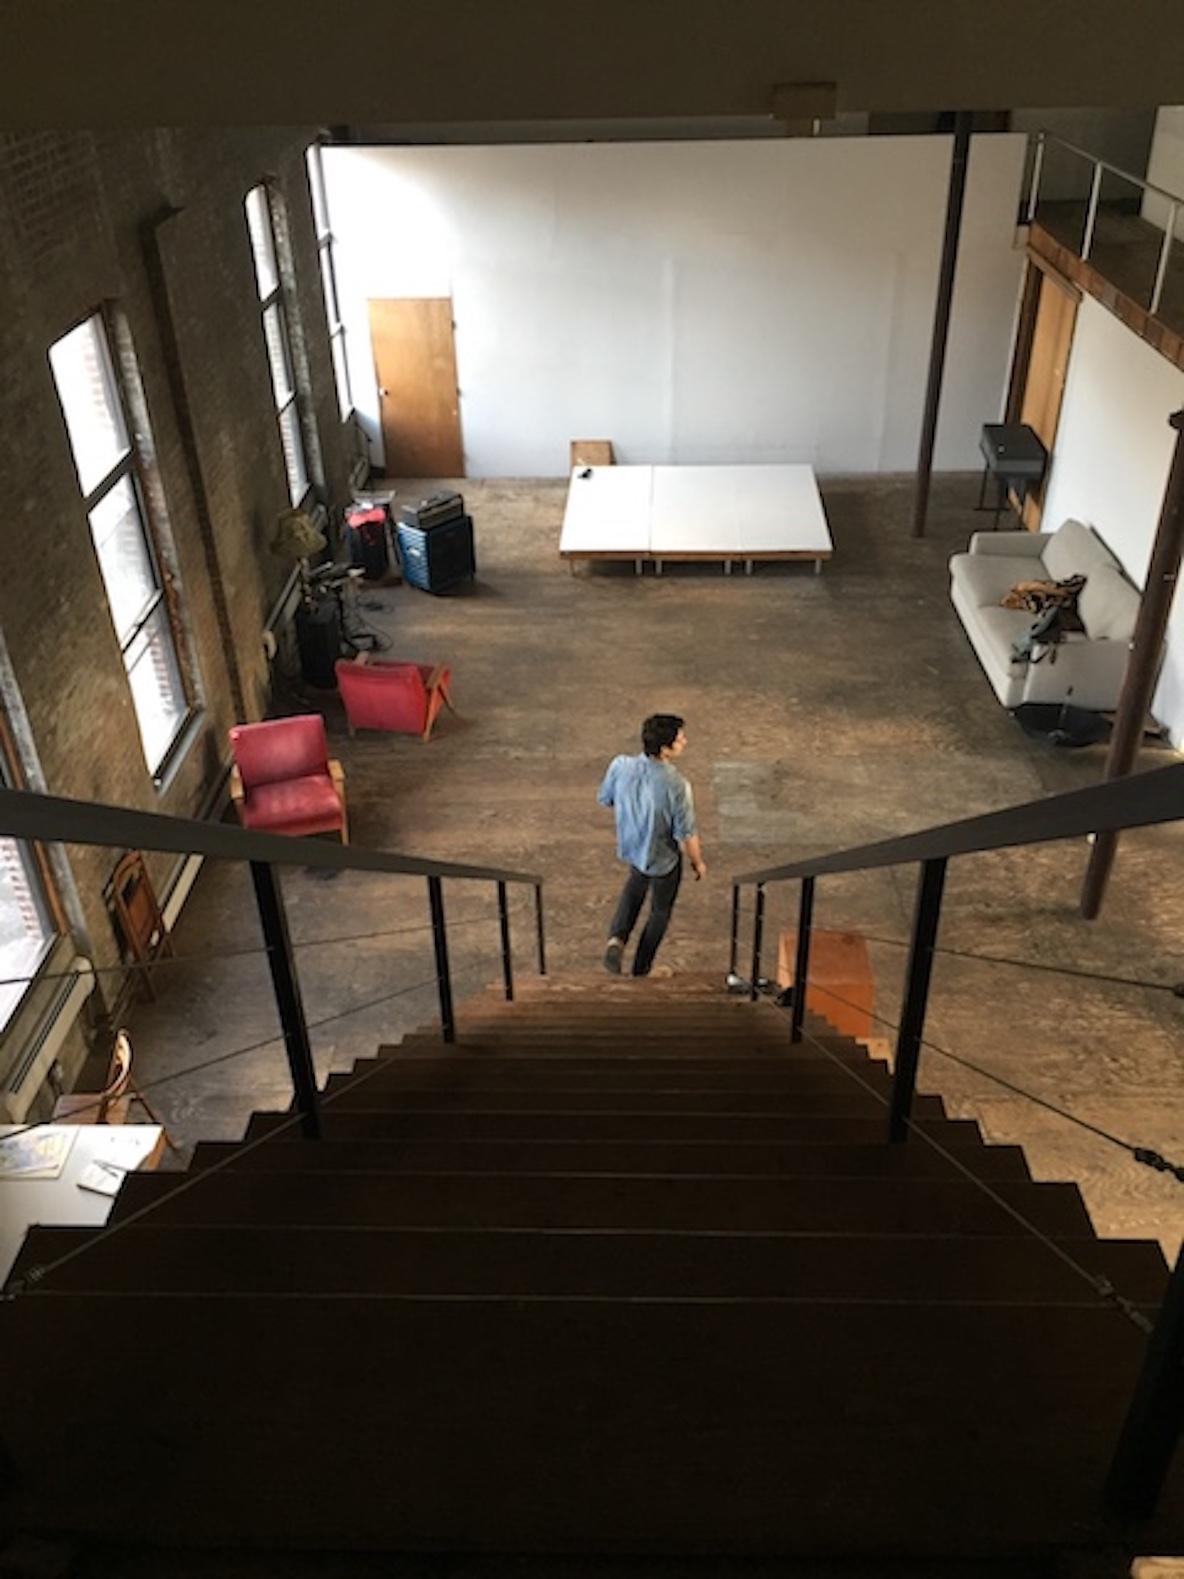 11人のアーティストが暮らす、ニューヨーク・ブルックリンのレトロなアパートメントはアトリエのような空間